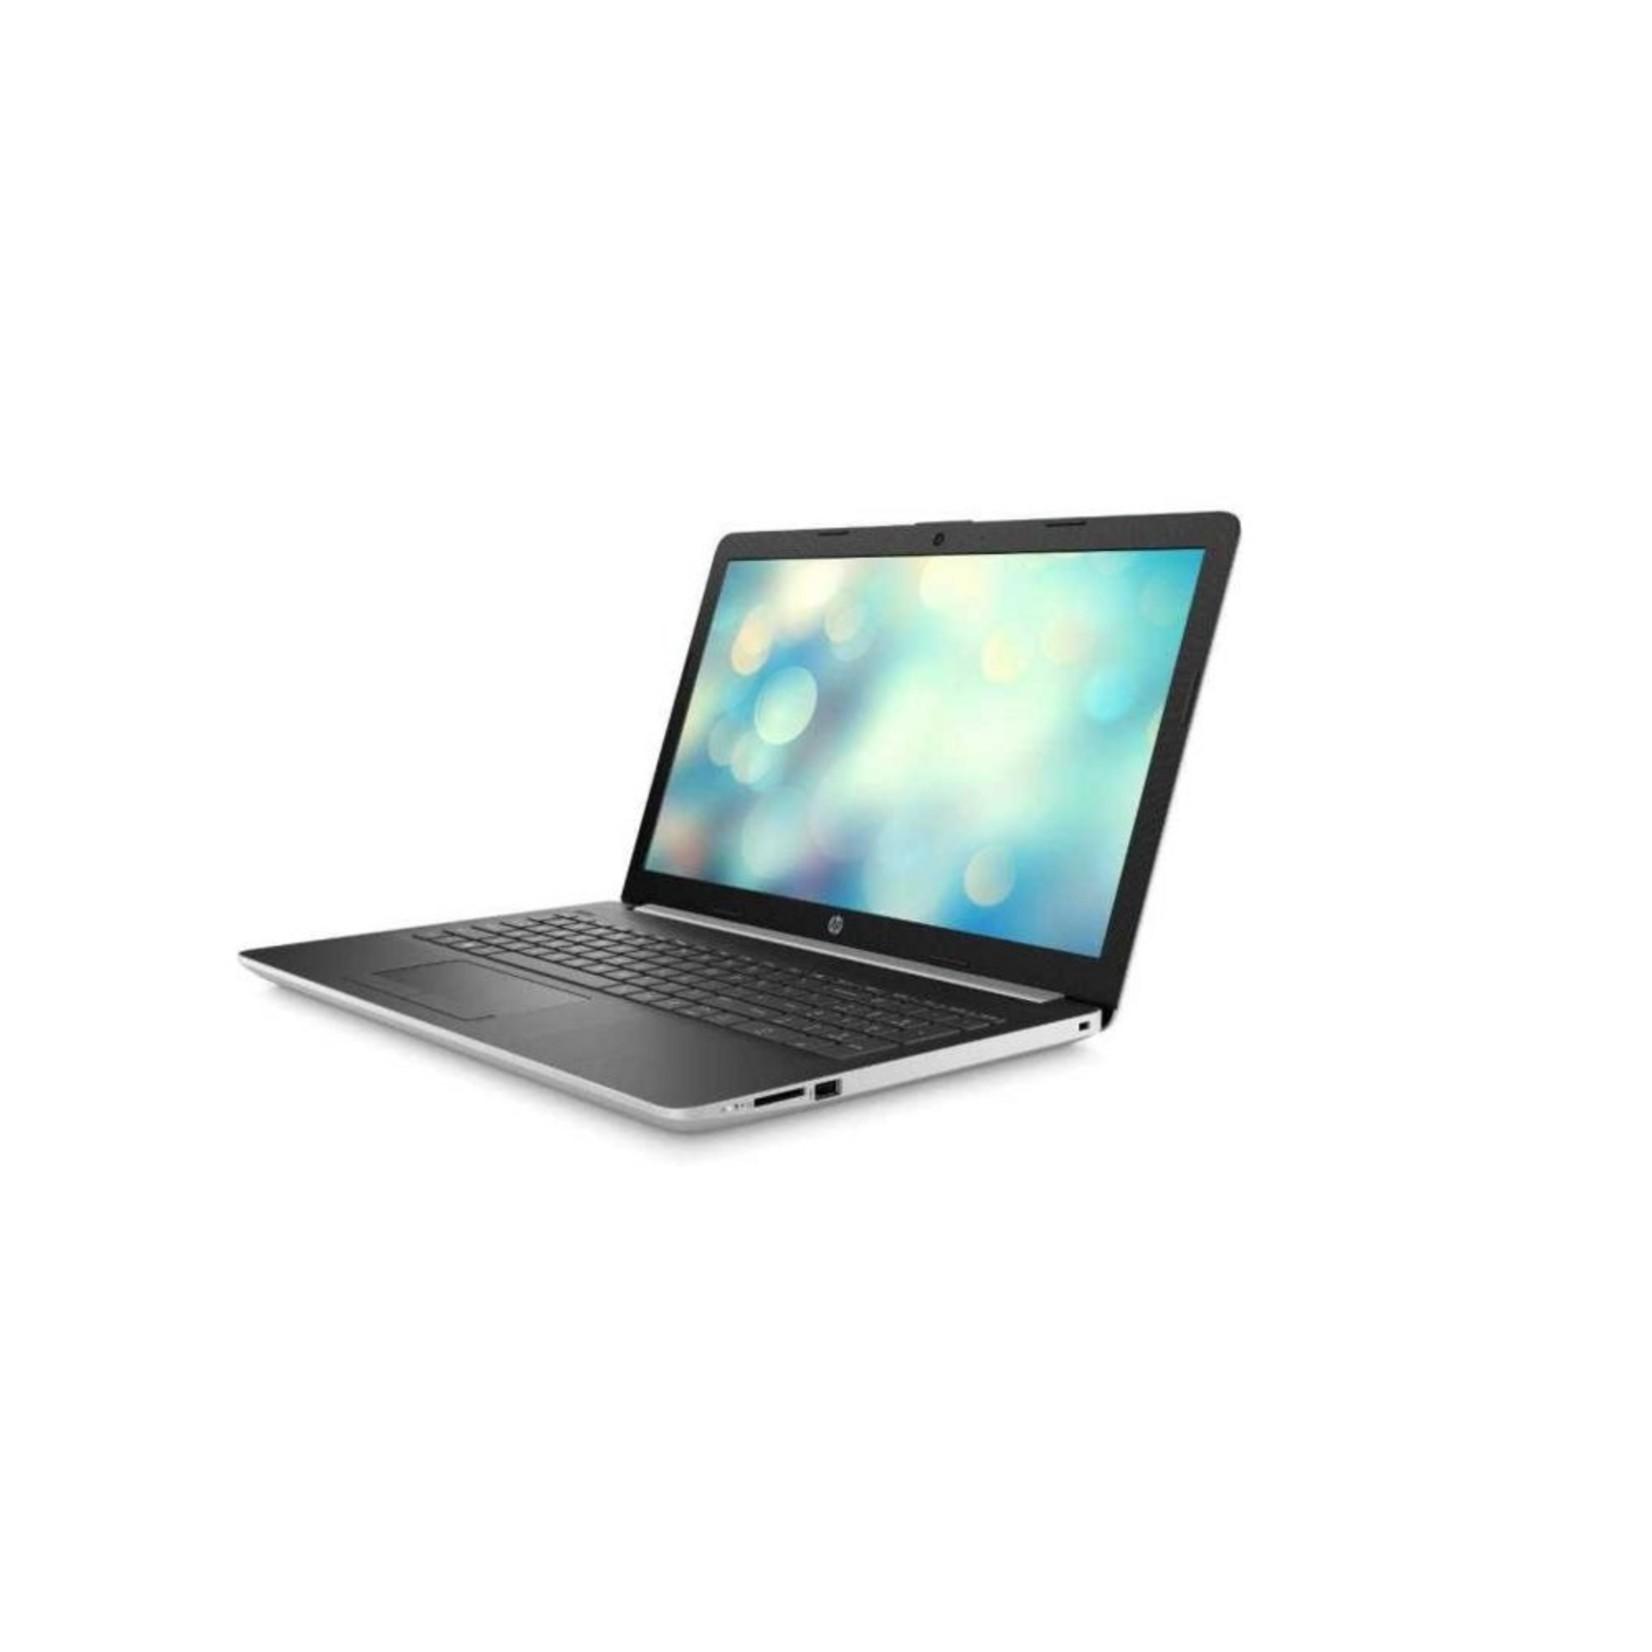 Hewlett Packard HP 15-DB1059NQ 15.6 F-HD RYZEN 3 3200U 8GB / 256GB W10P RFG (refurbished)